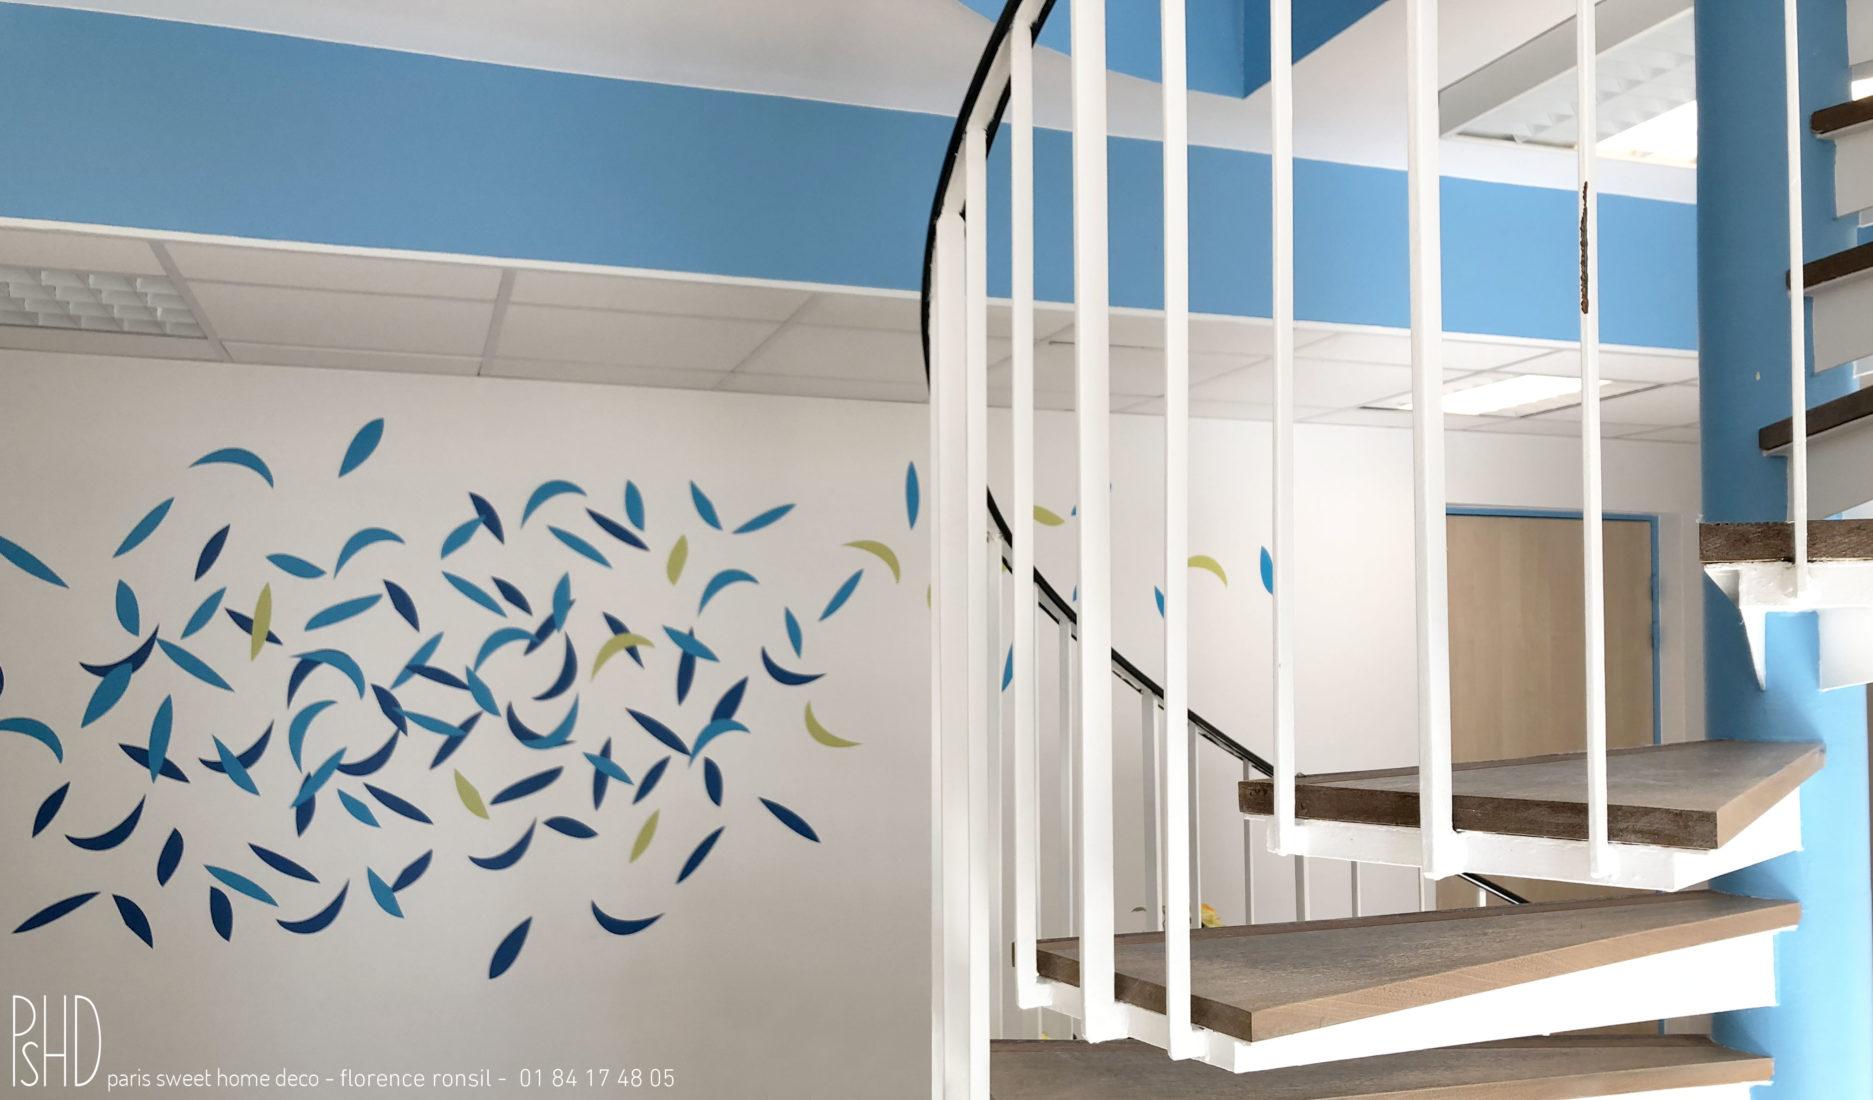 paris sweet home deco clean service stem décoration bureau